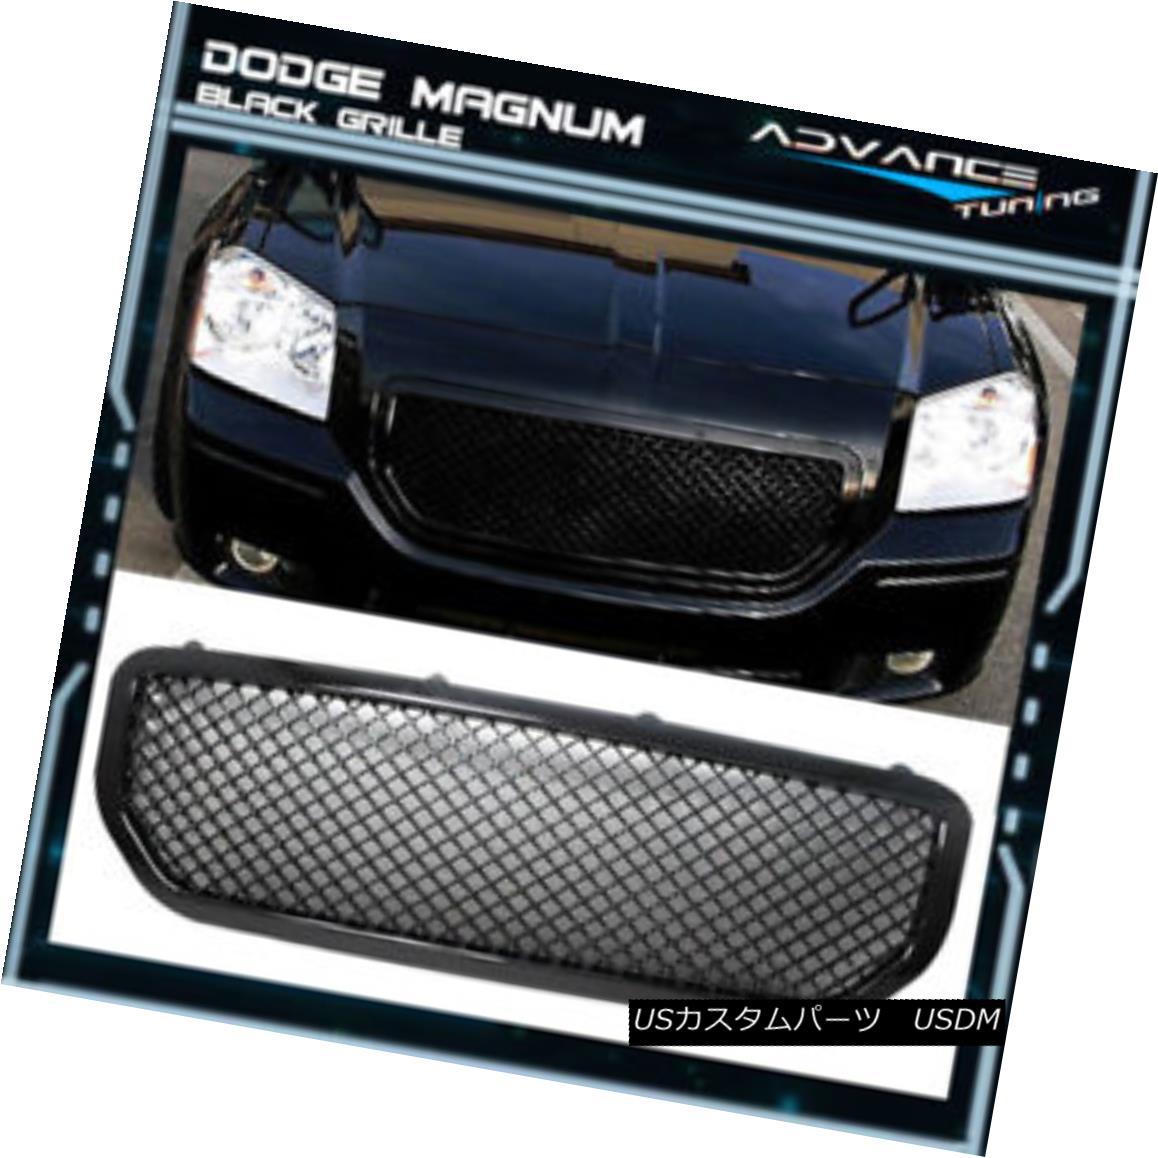 グリル For 05-07 Dodge Magnum R T SXT Upper Mesh Grille Grill Black 05-07ドッジマグナムR T SXTアッパーメッシュグリルグリルブラック